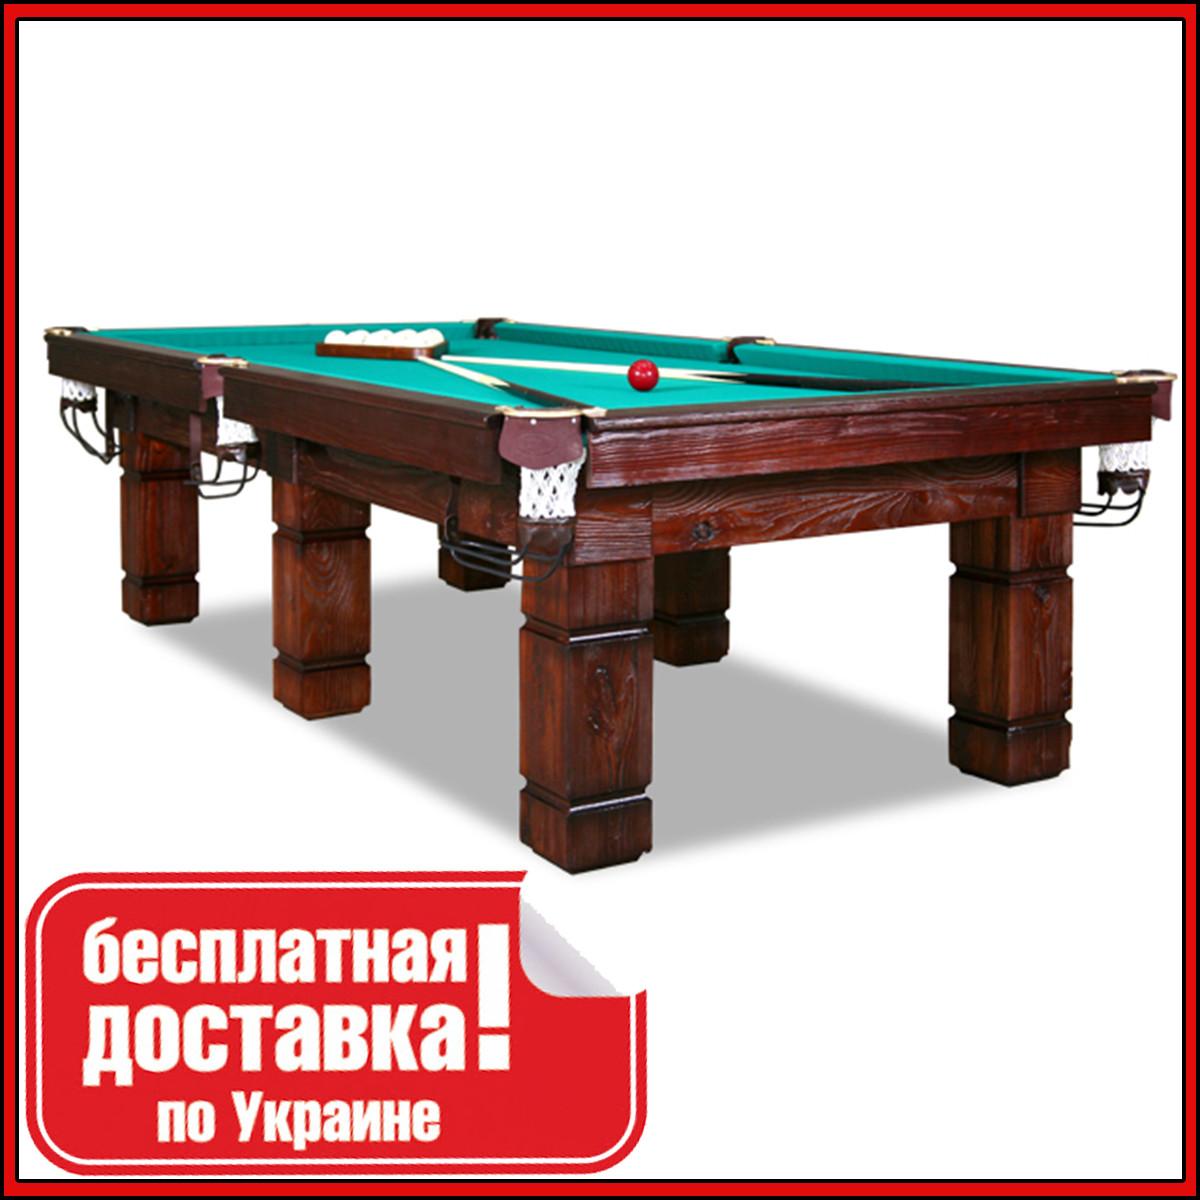 Більярдний стіл для пулу АСКОЛЬД 12 футів Ардезія 3.6 м х 1.8 м з натурального дерева